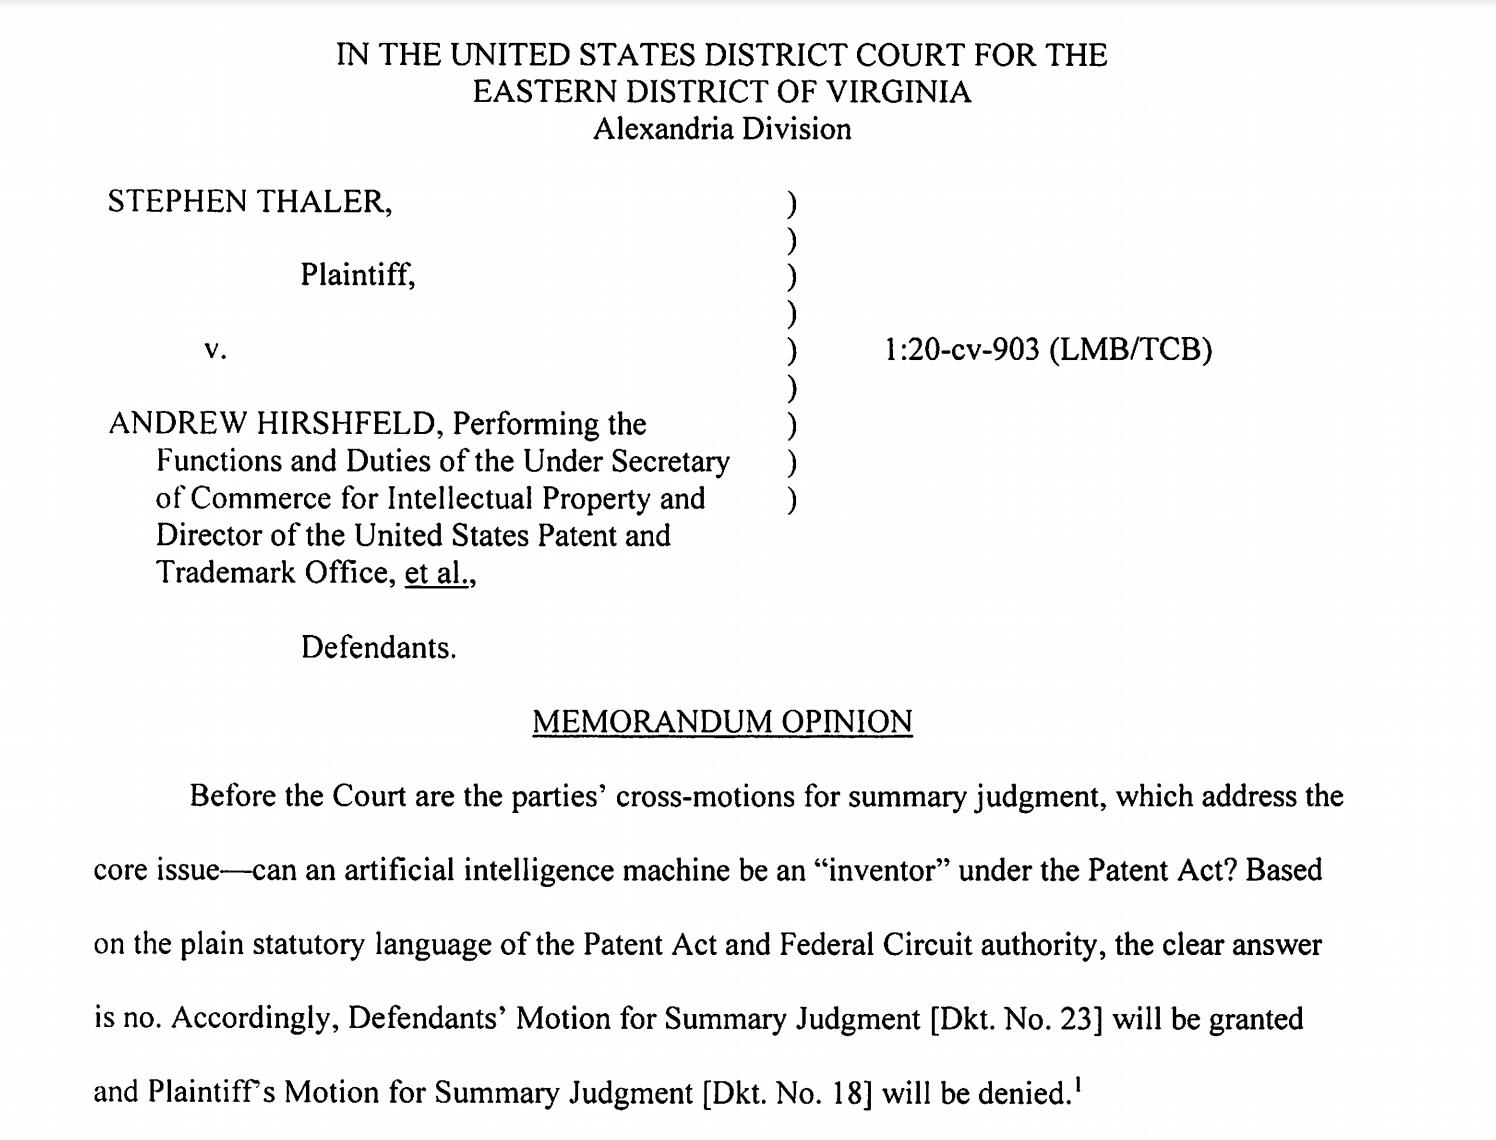 美国联邦法院:人工智能不能成为专利的发明者,因为它不是人